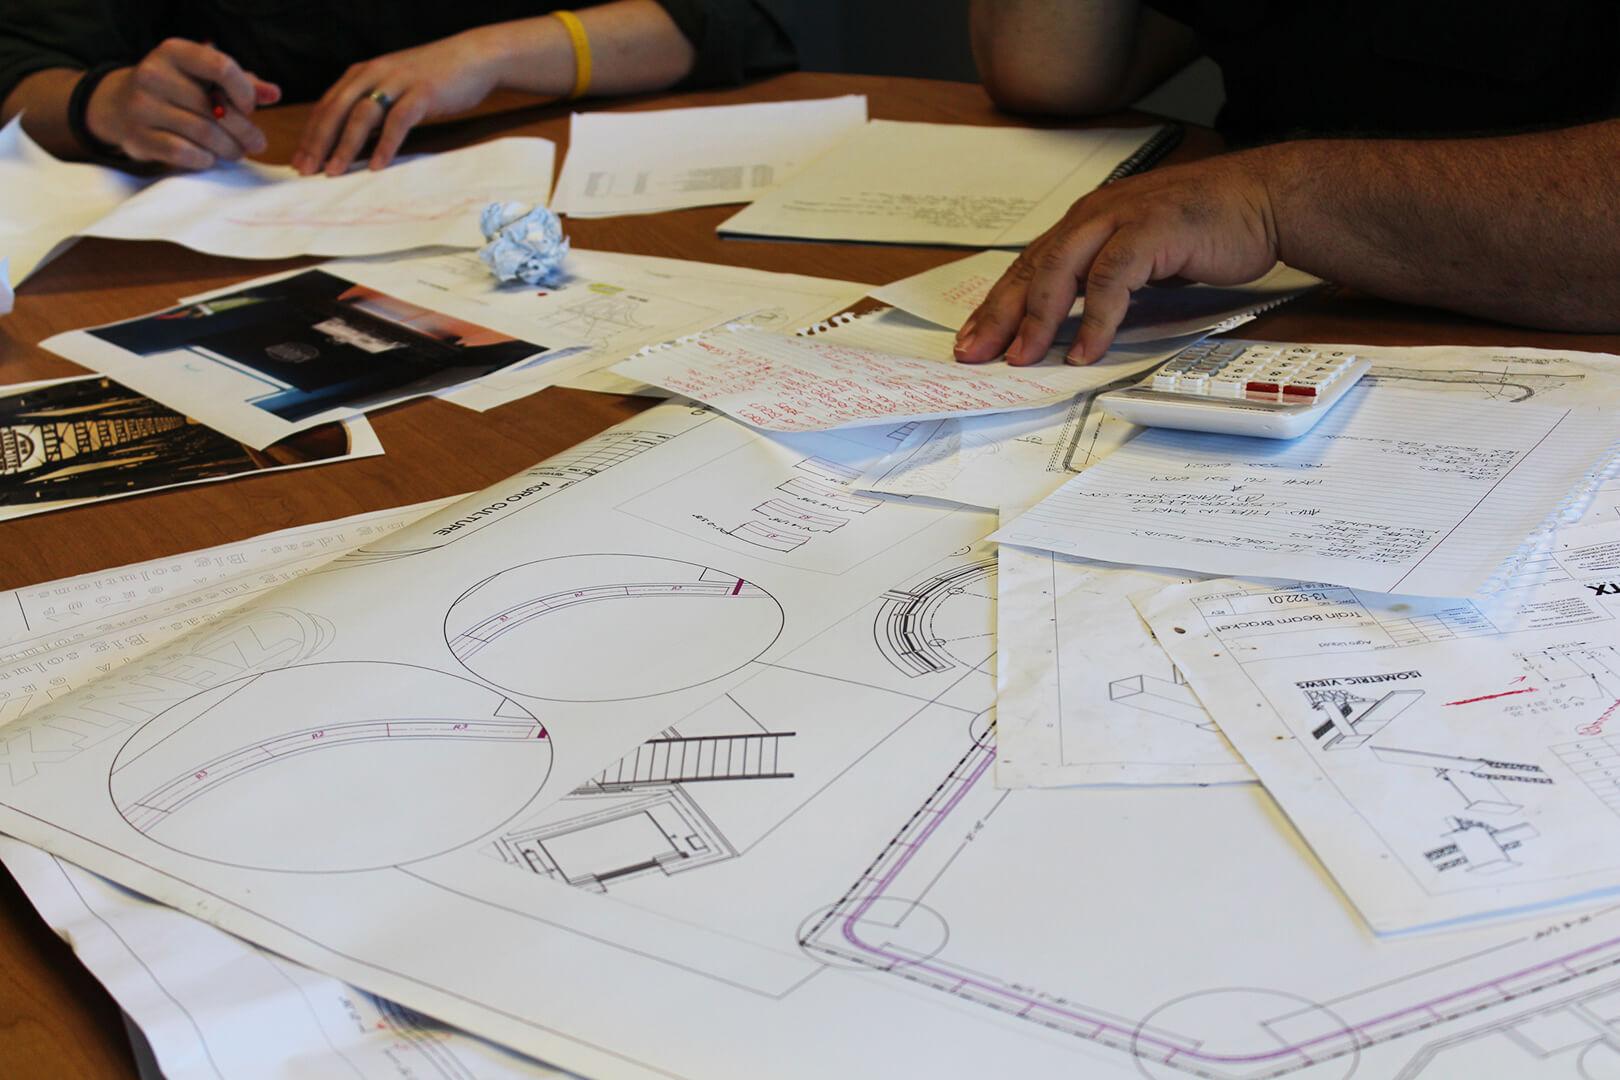 ZENTX Design